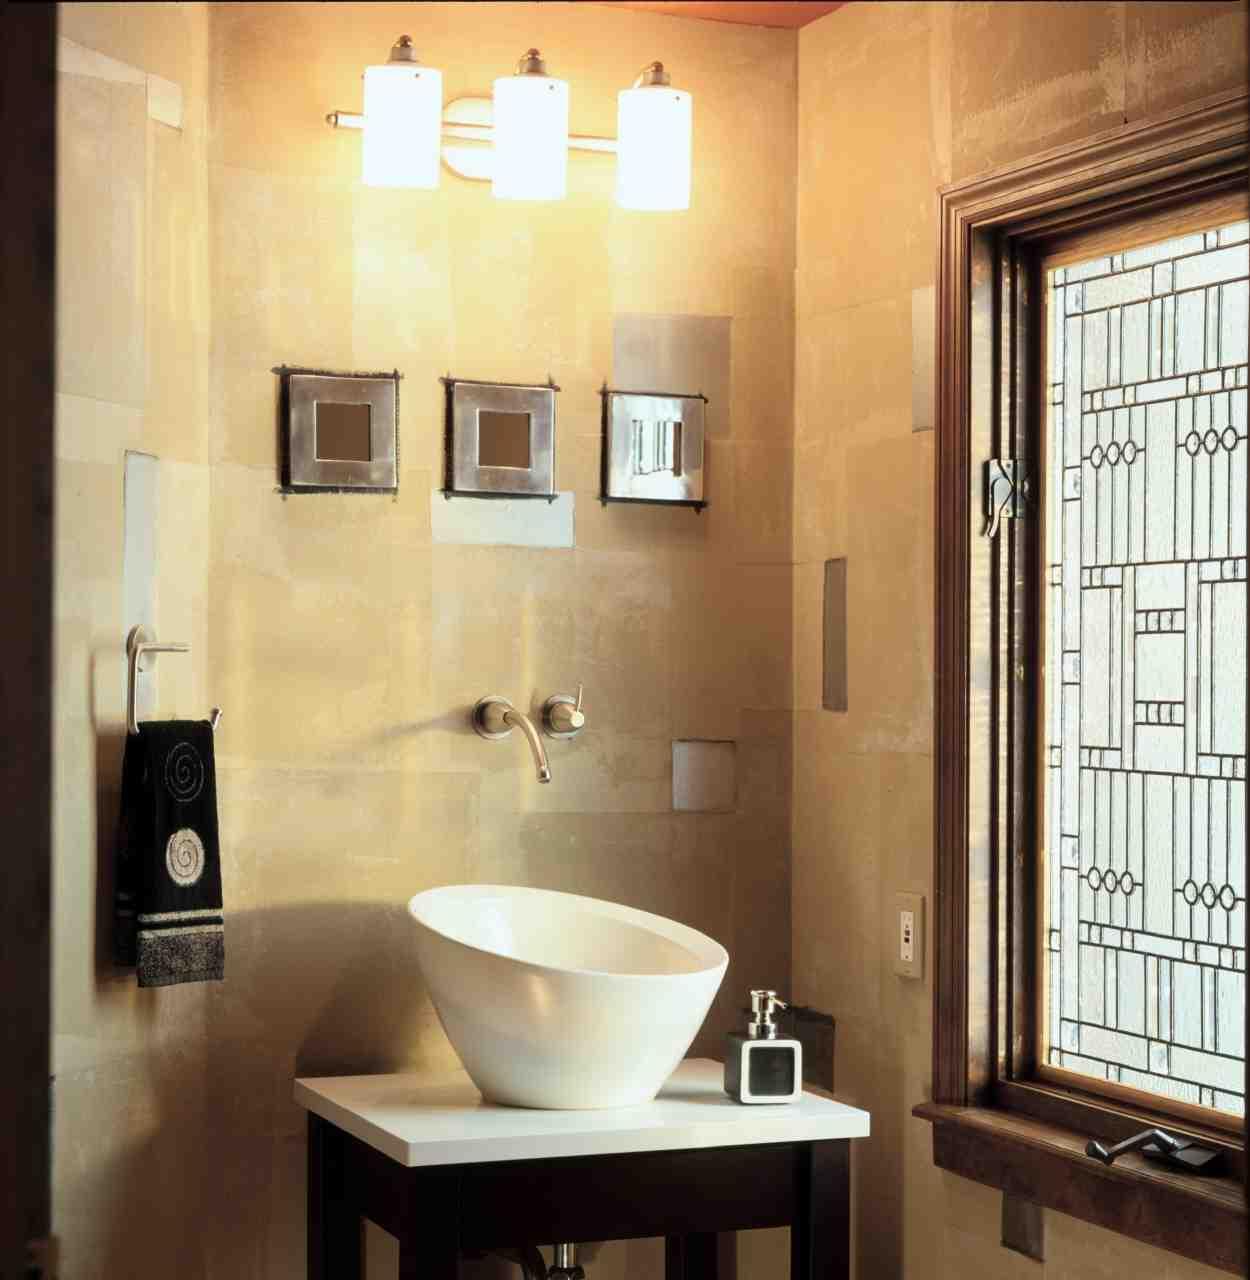 Guest Bathroom Decor Ideas - Decor Ideas